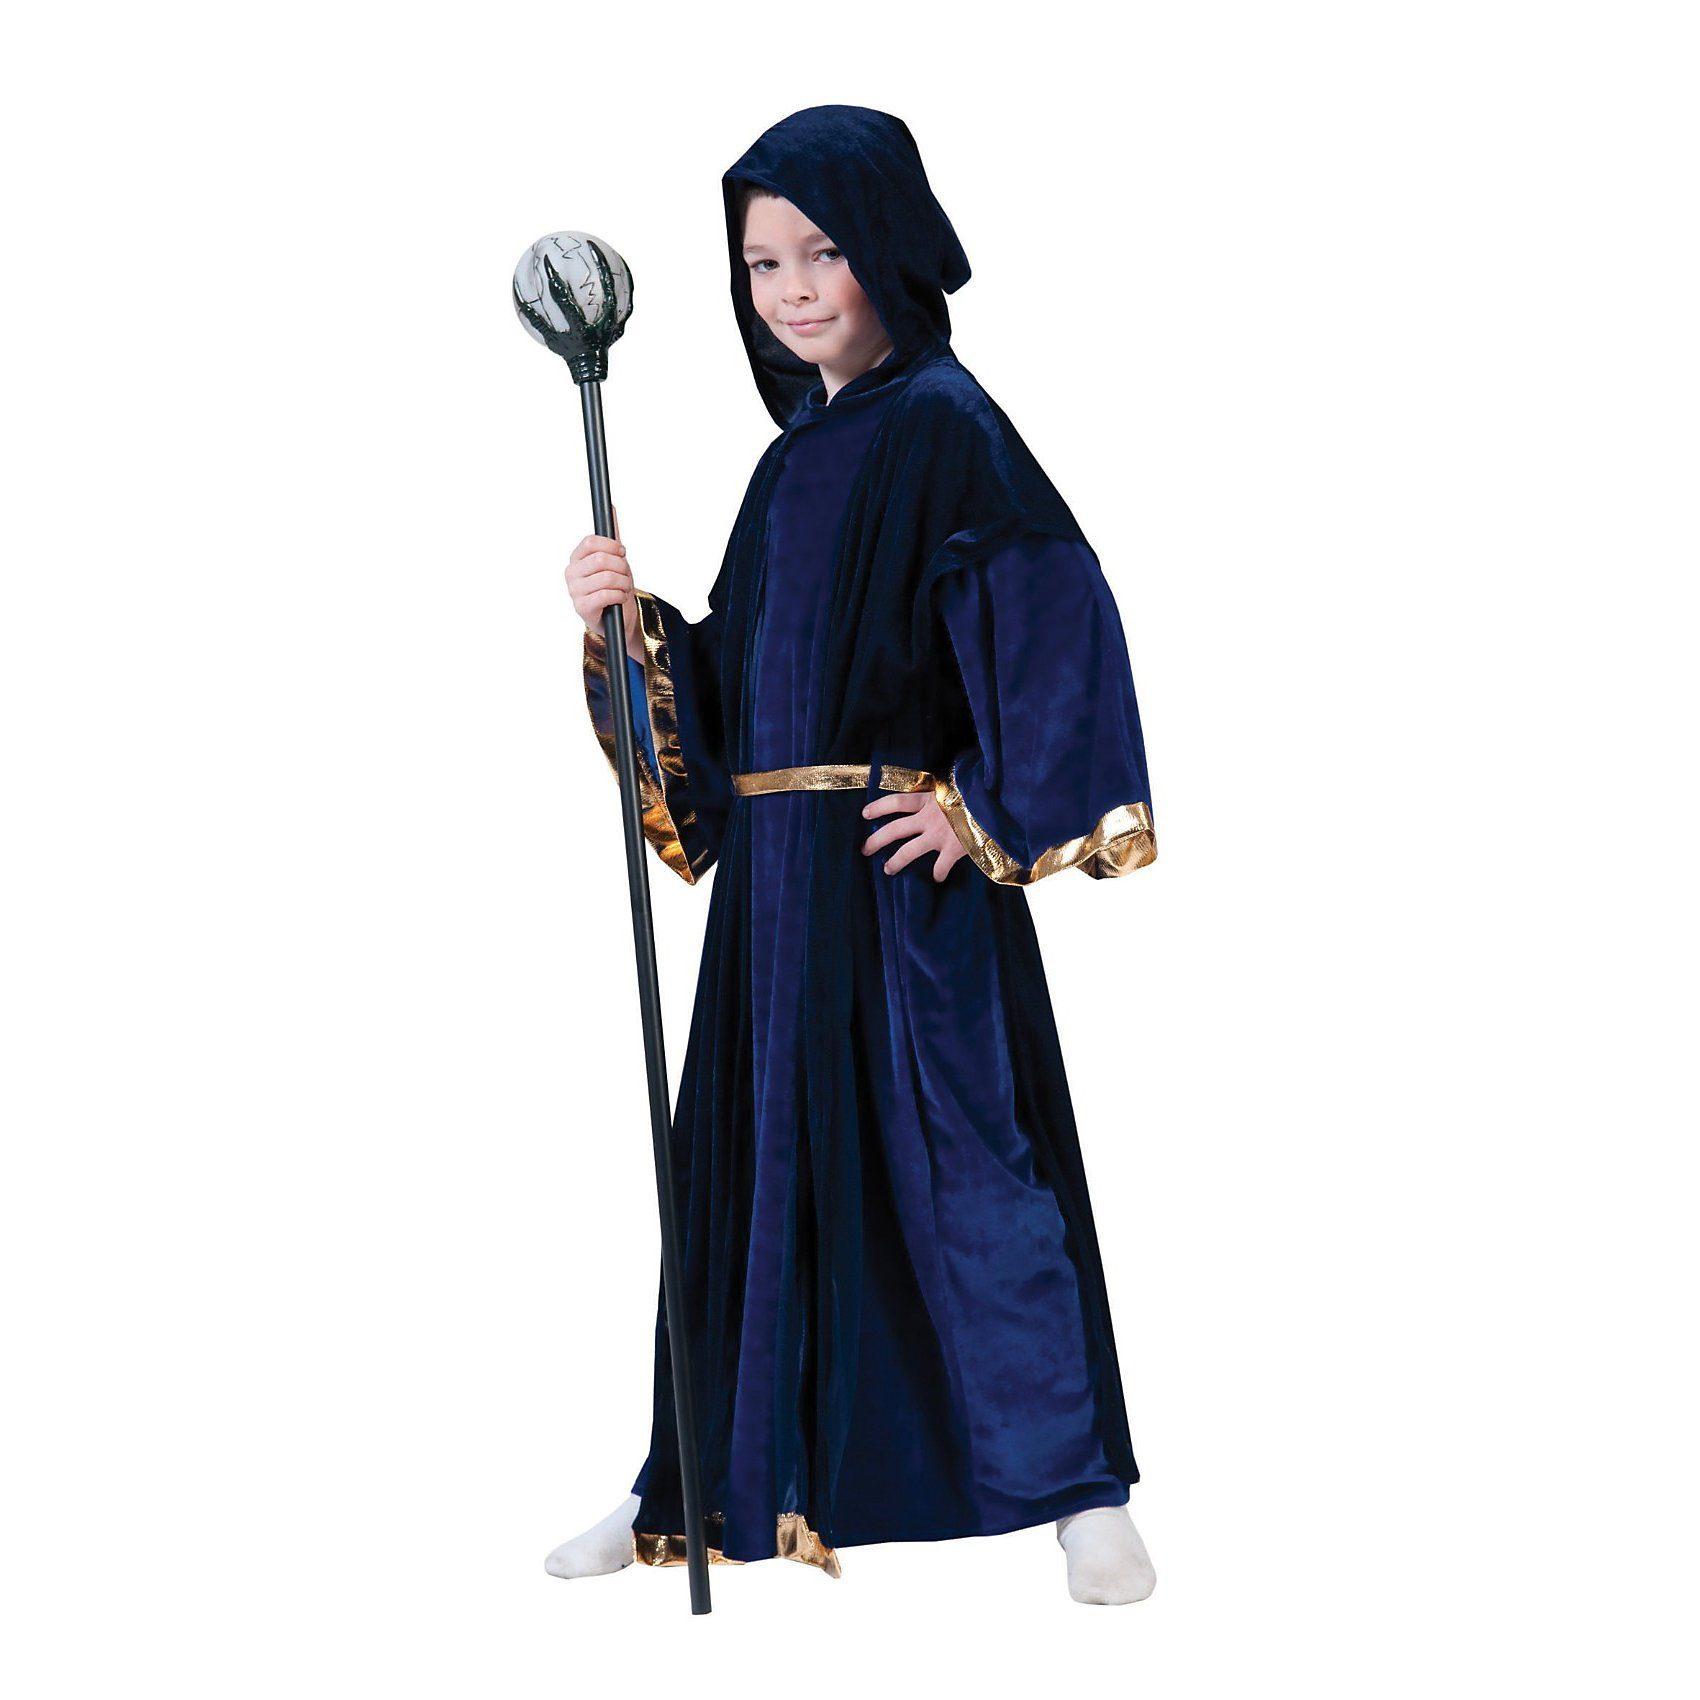 Funny Fashion Kostüm Zauberer